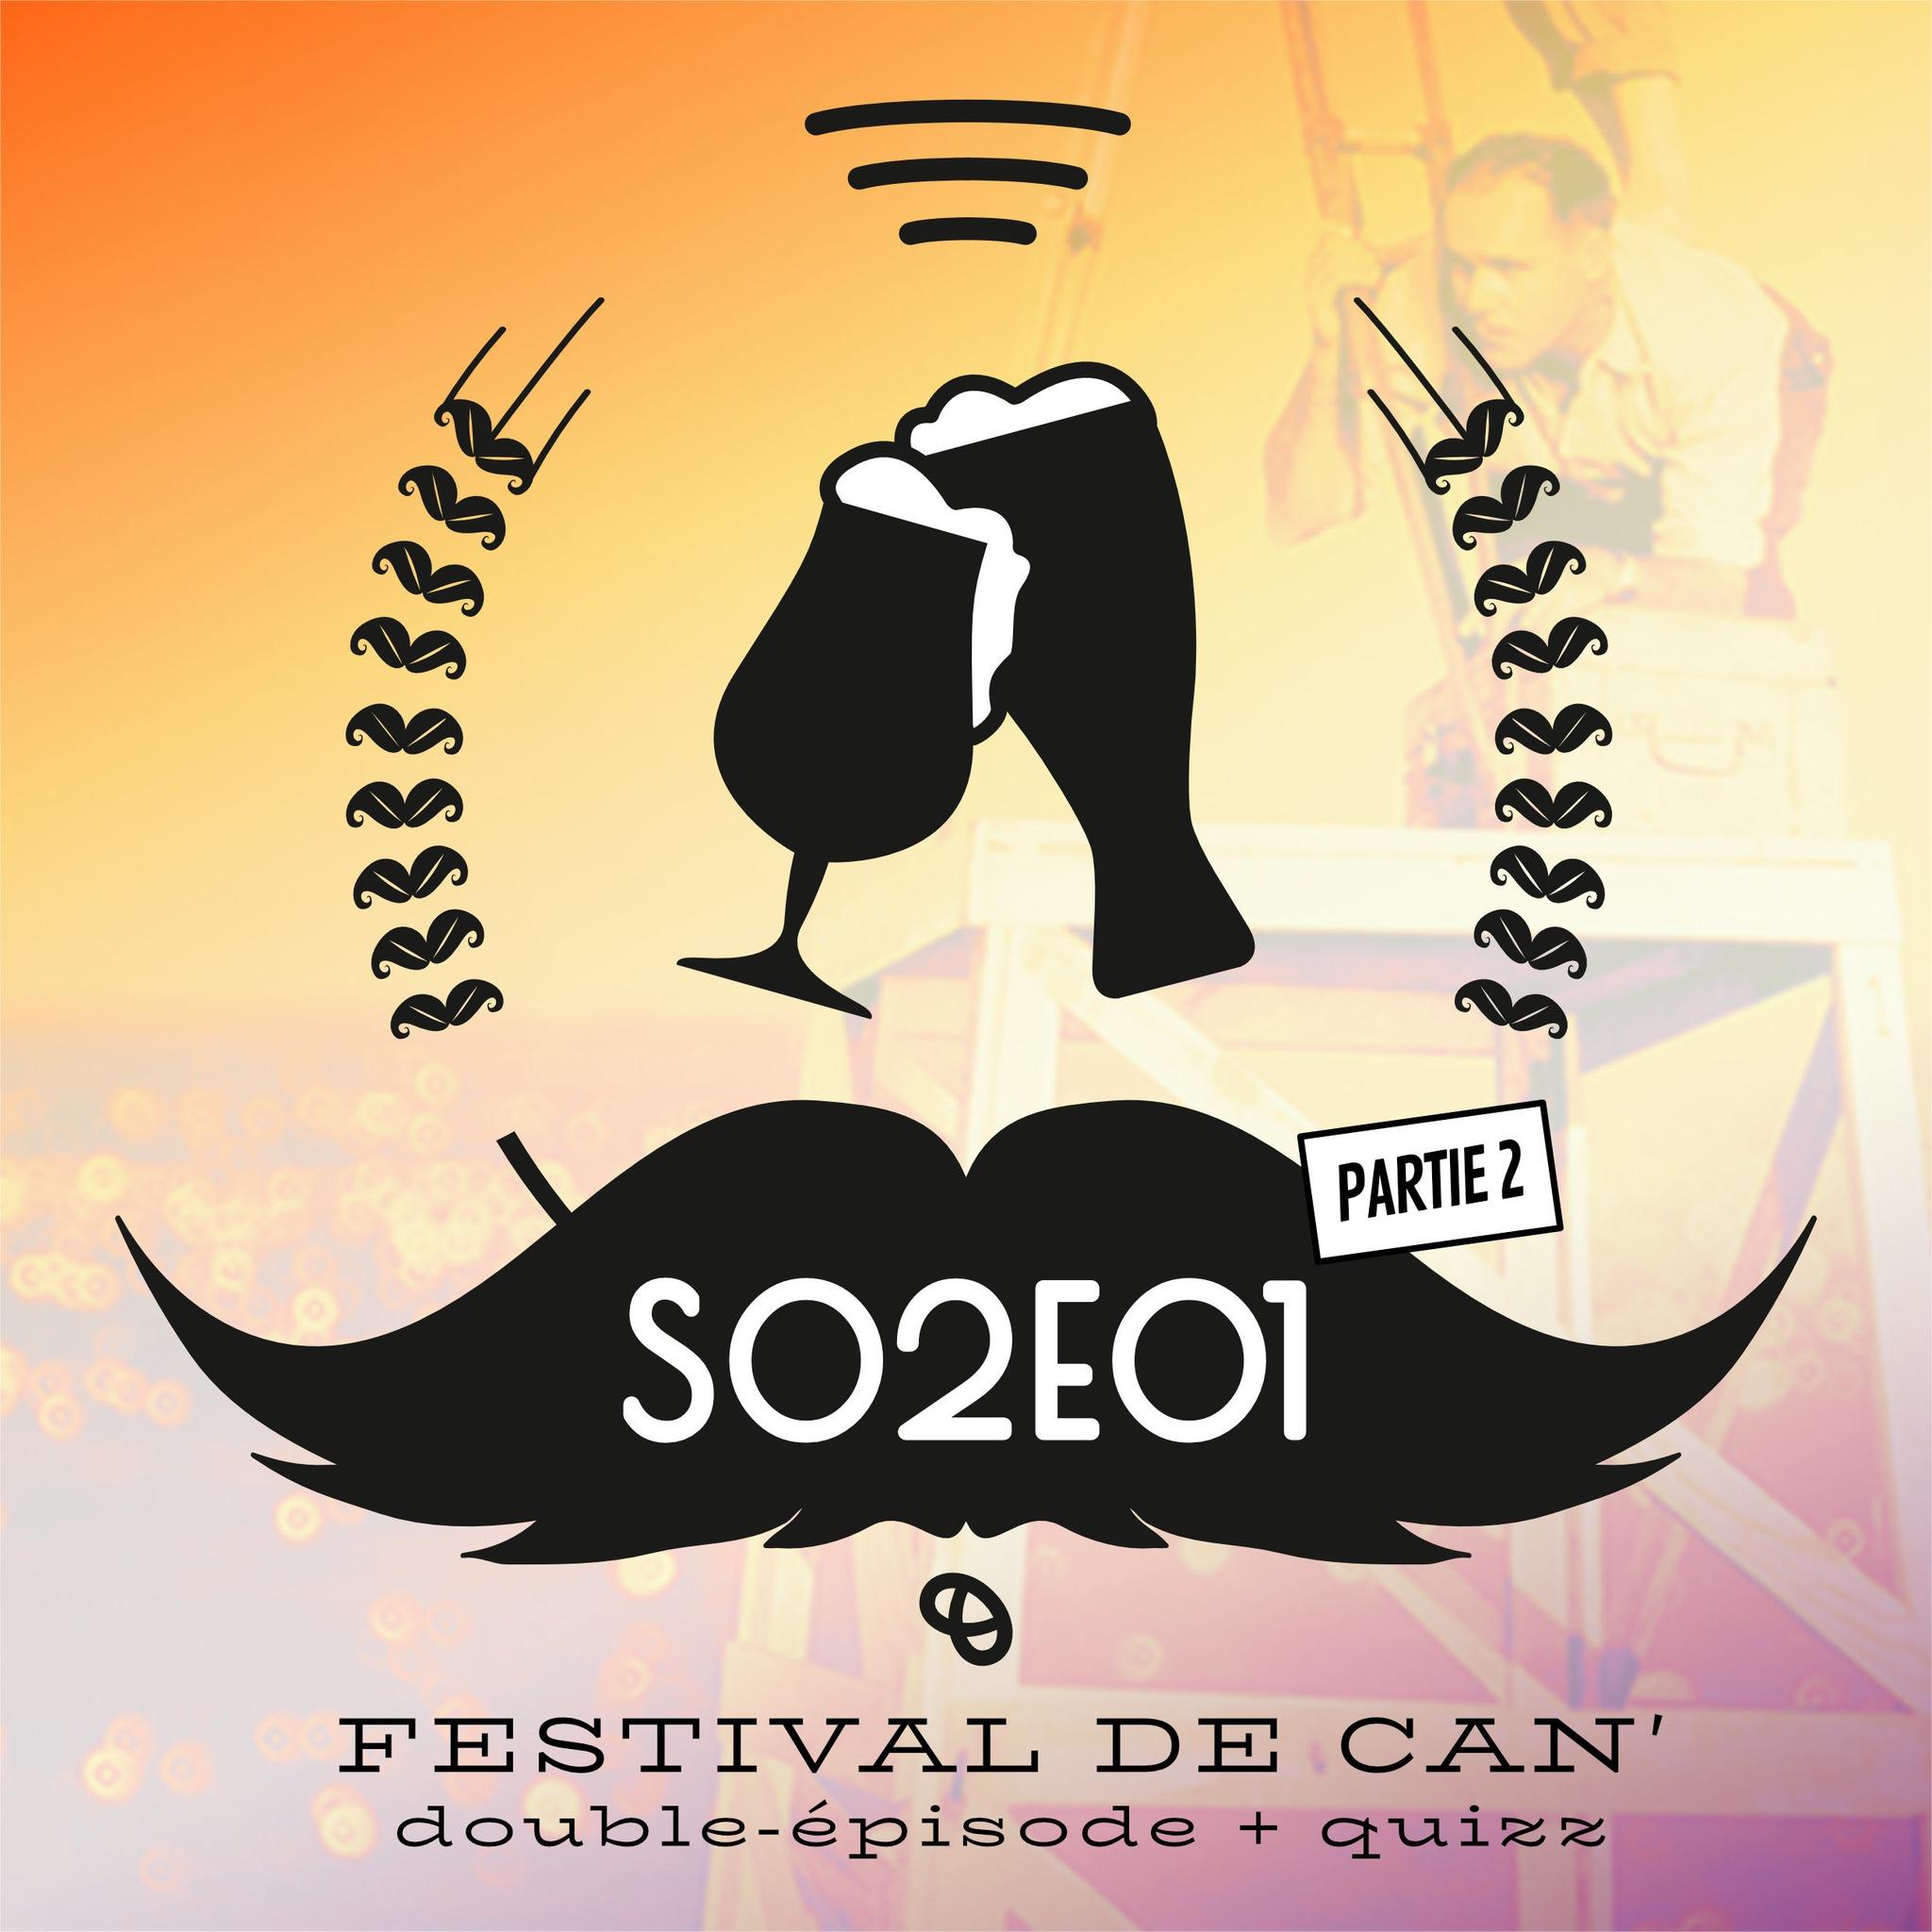 Le festival de Can' Le quizz